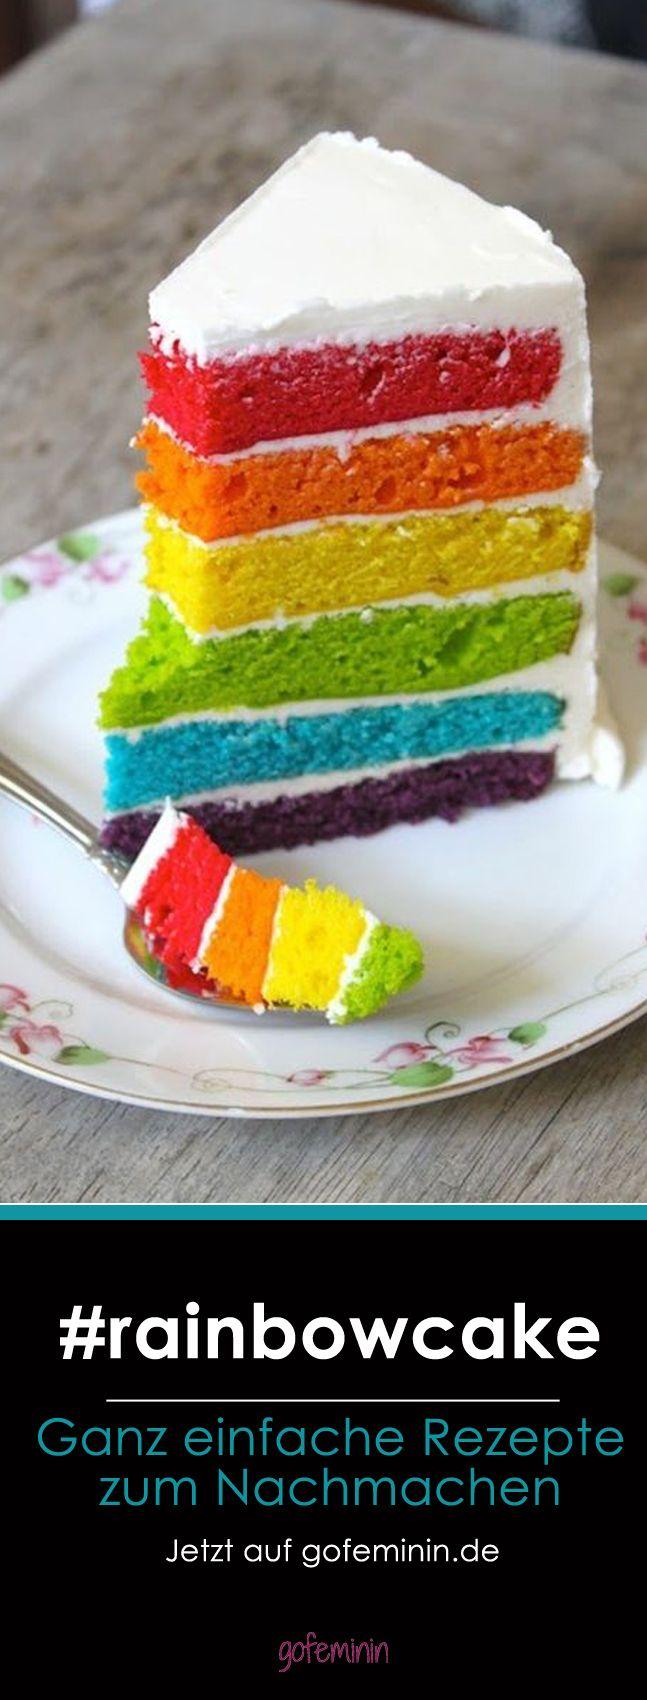 regenbogenkuchen rezept kindergeburtstag essen spiele pinterest torta arcoiris. Black Bedroom Furniture Sets. Home Design Ideas